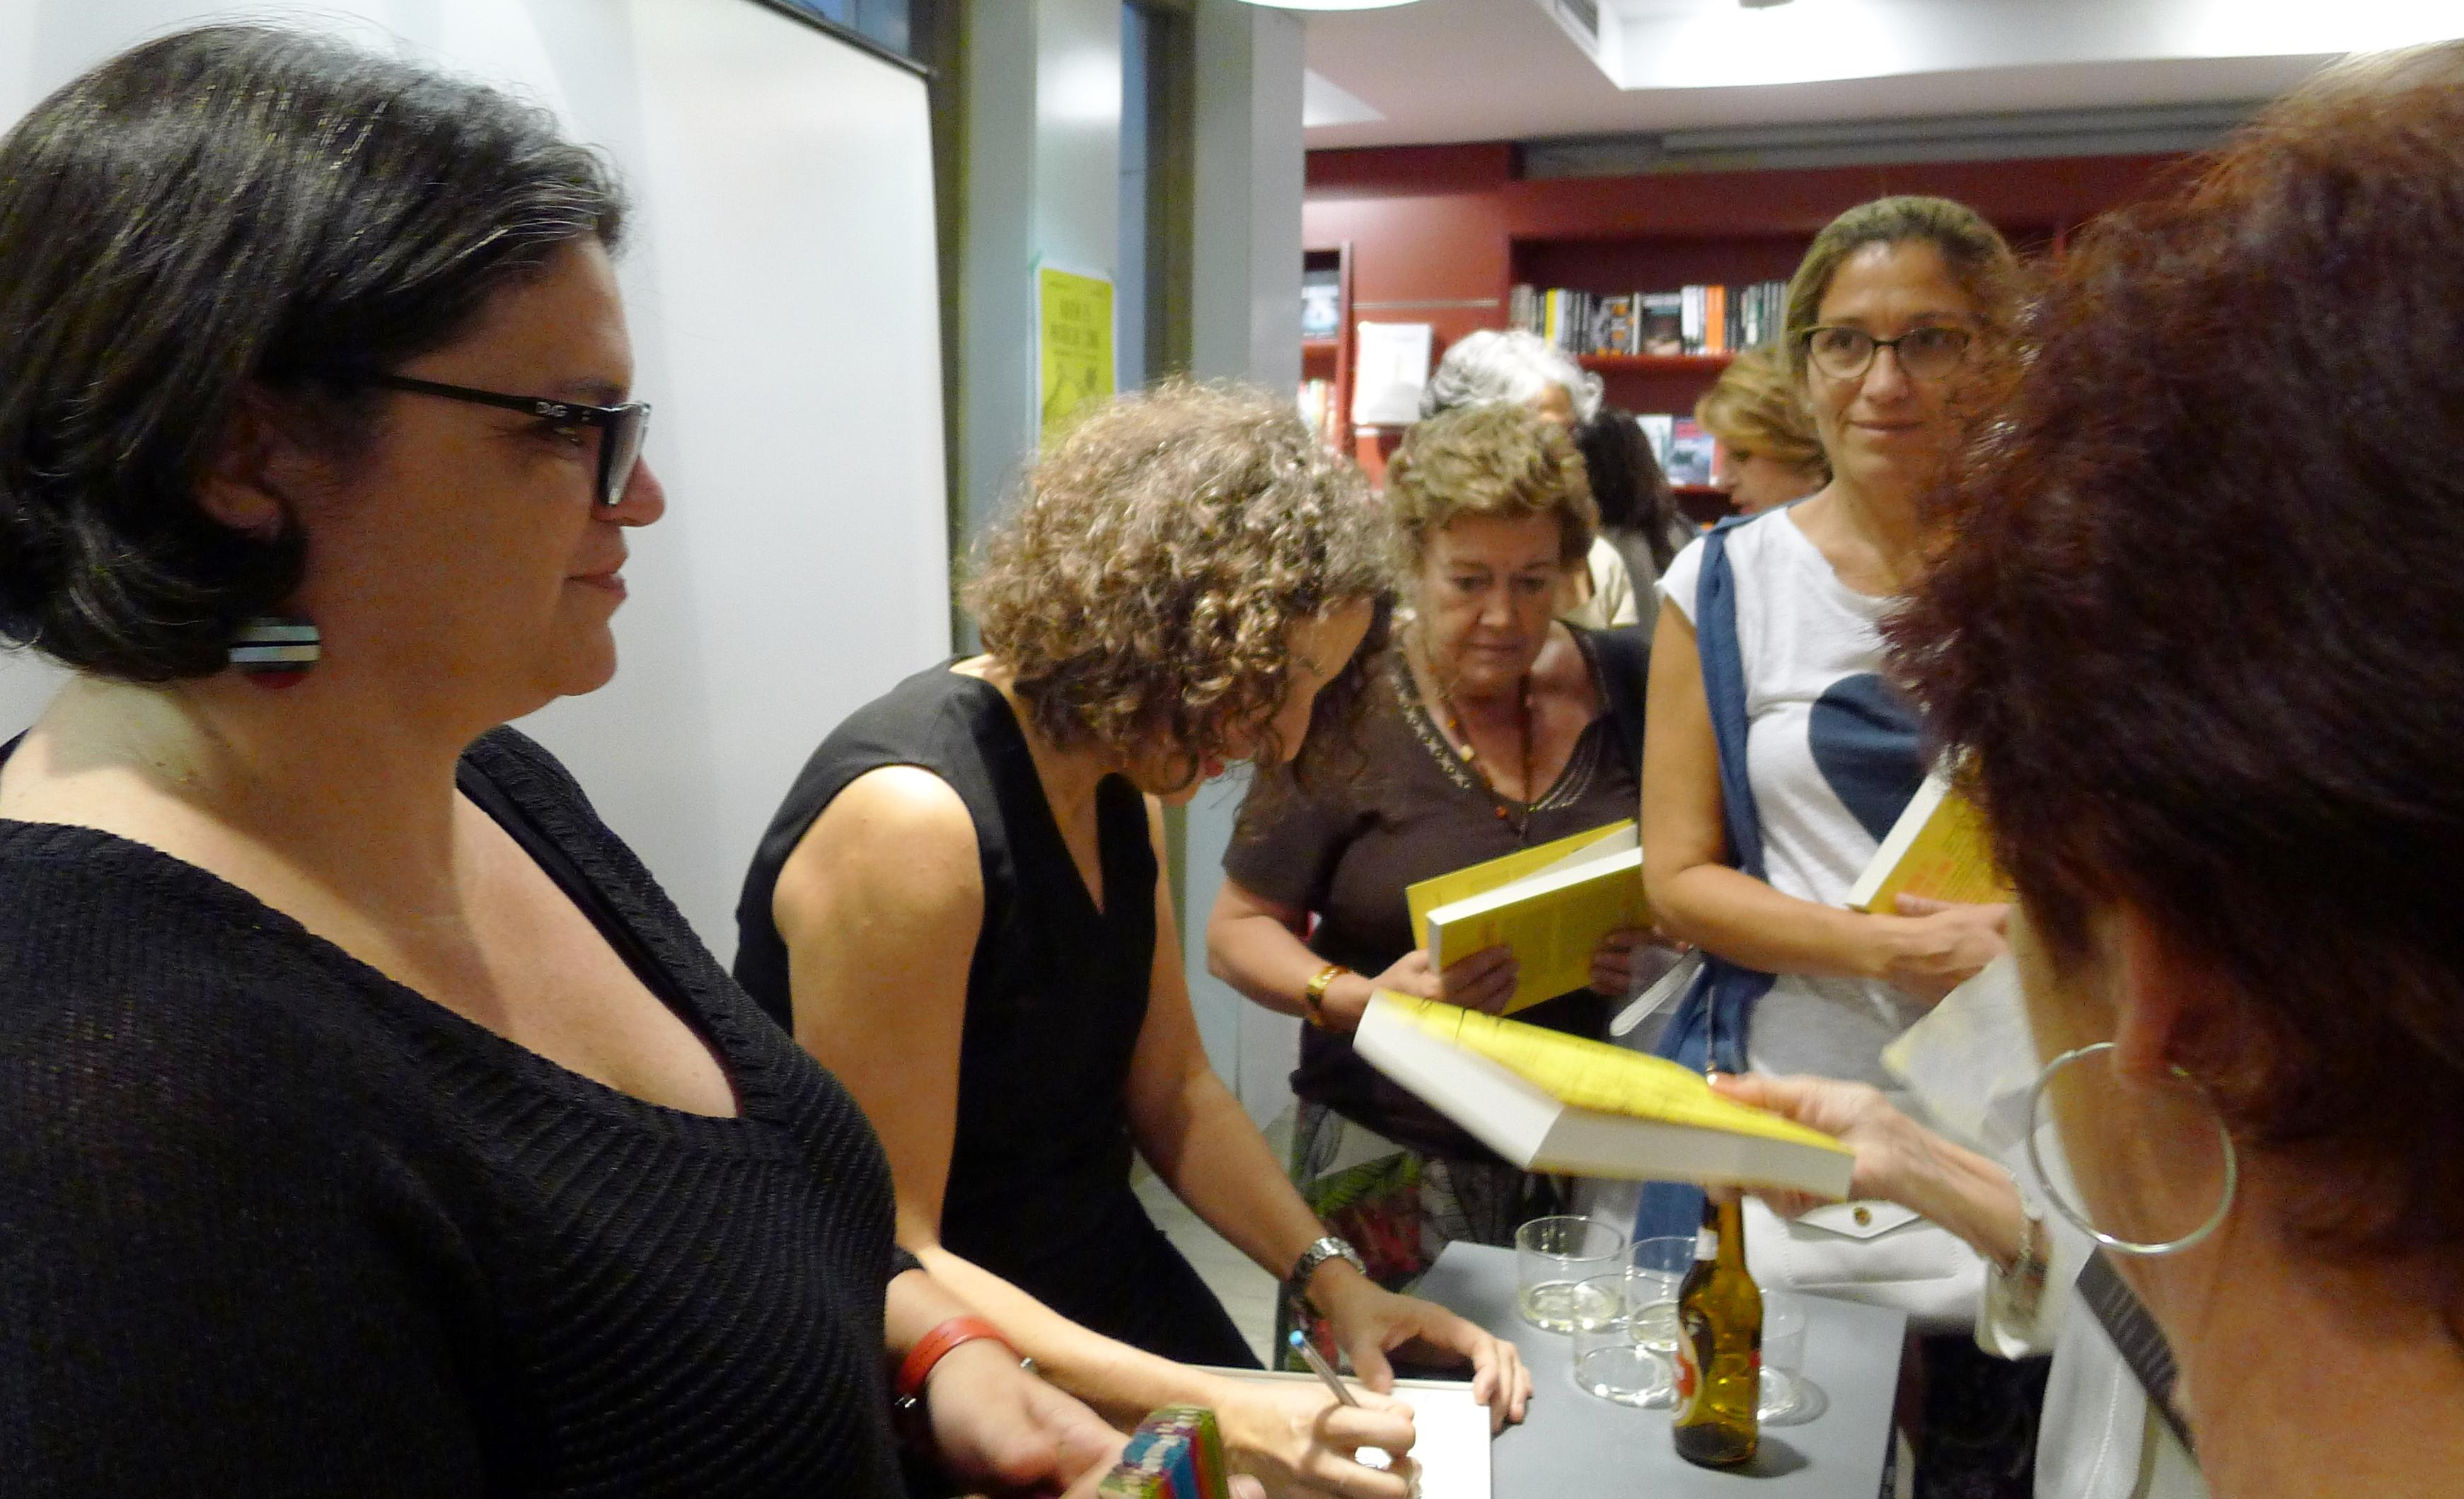 Isabel García Zarza y Silvia Oviano firman libros